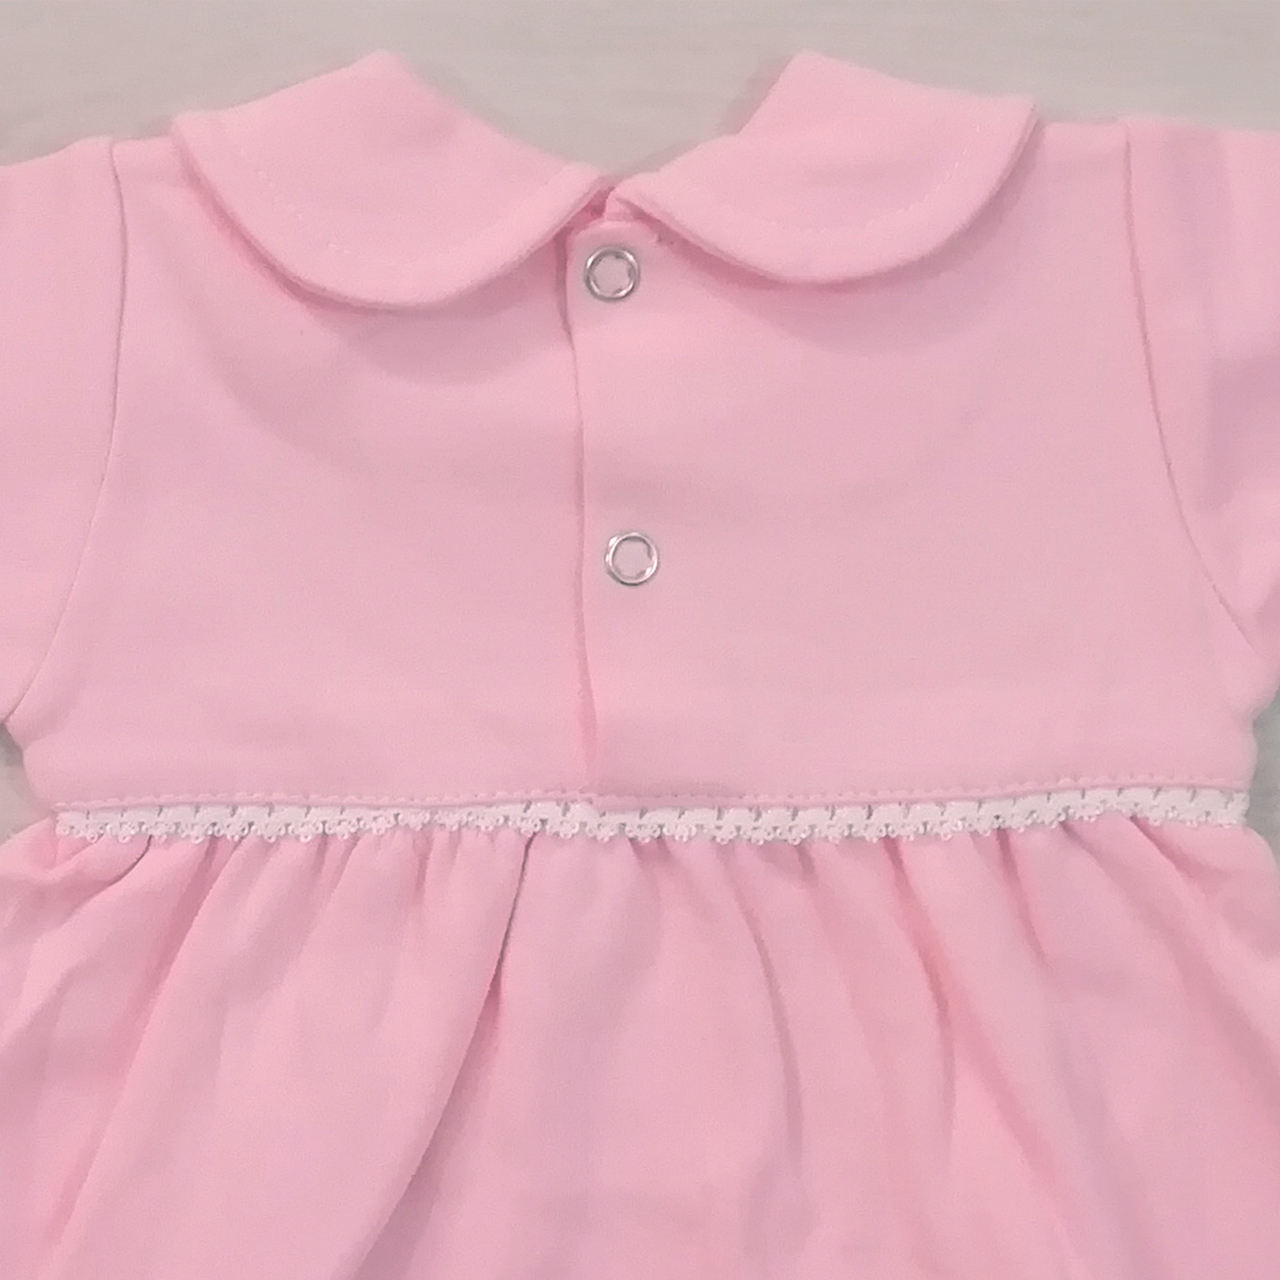 ست بلوز و شلوار نوزادی دخترانه کد 990410 -  - 3